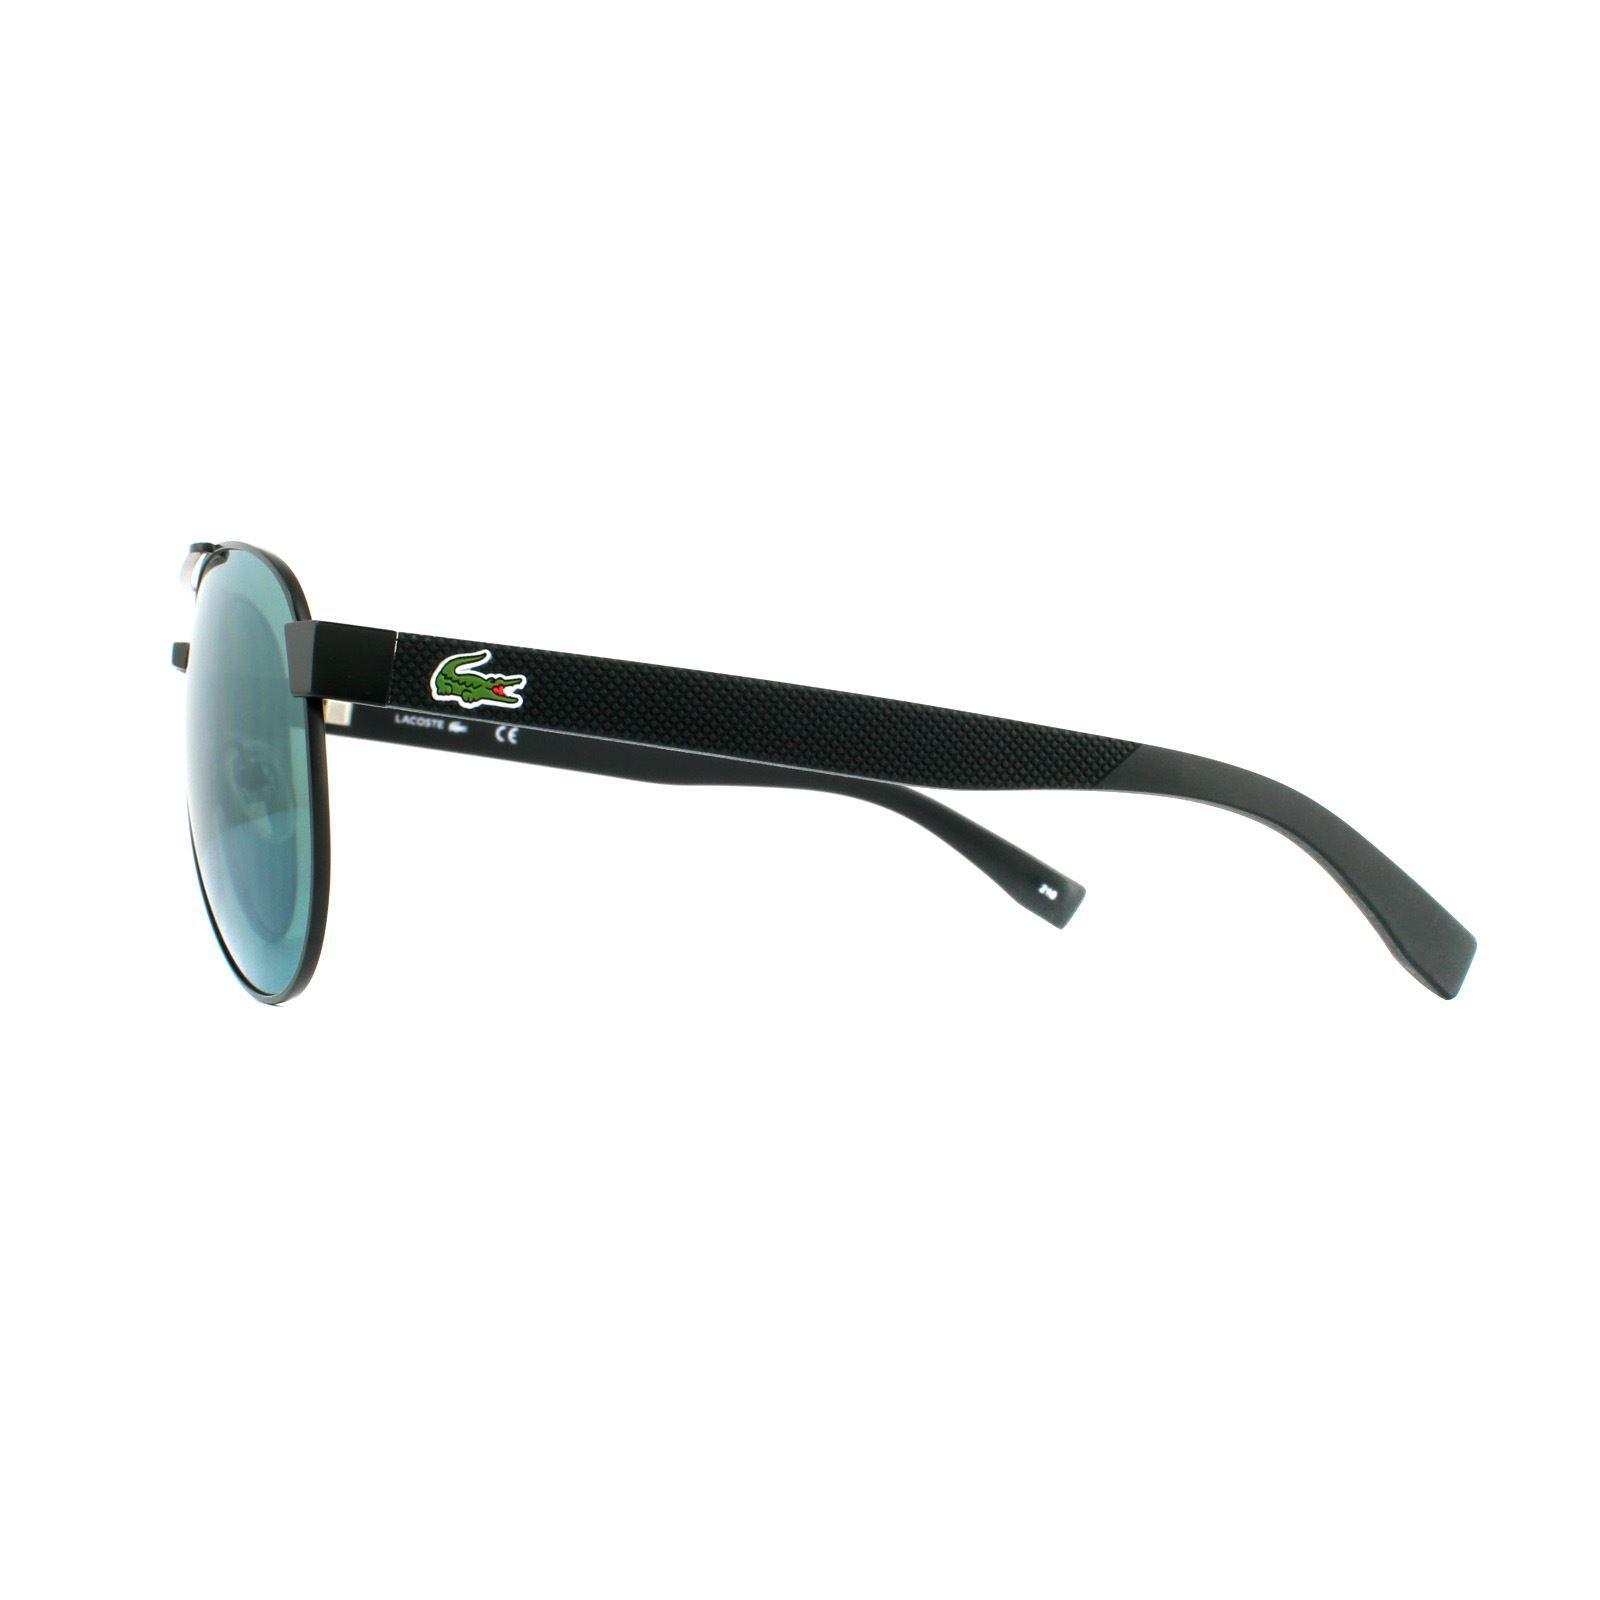 Lacoste Sunglasses L185S 315 Aviator Matte Green Green Mirror